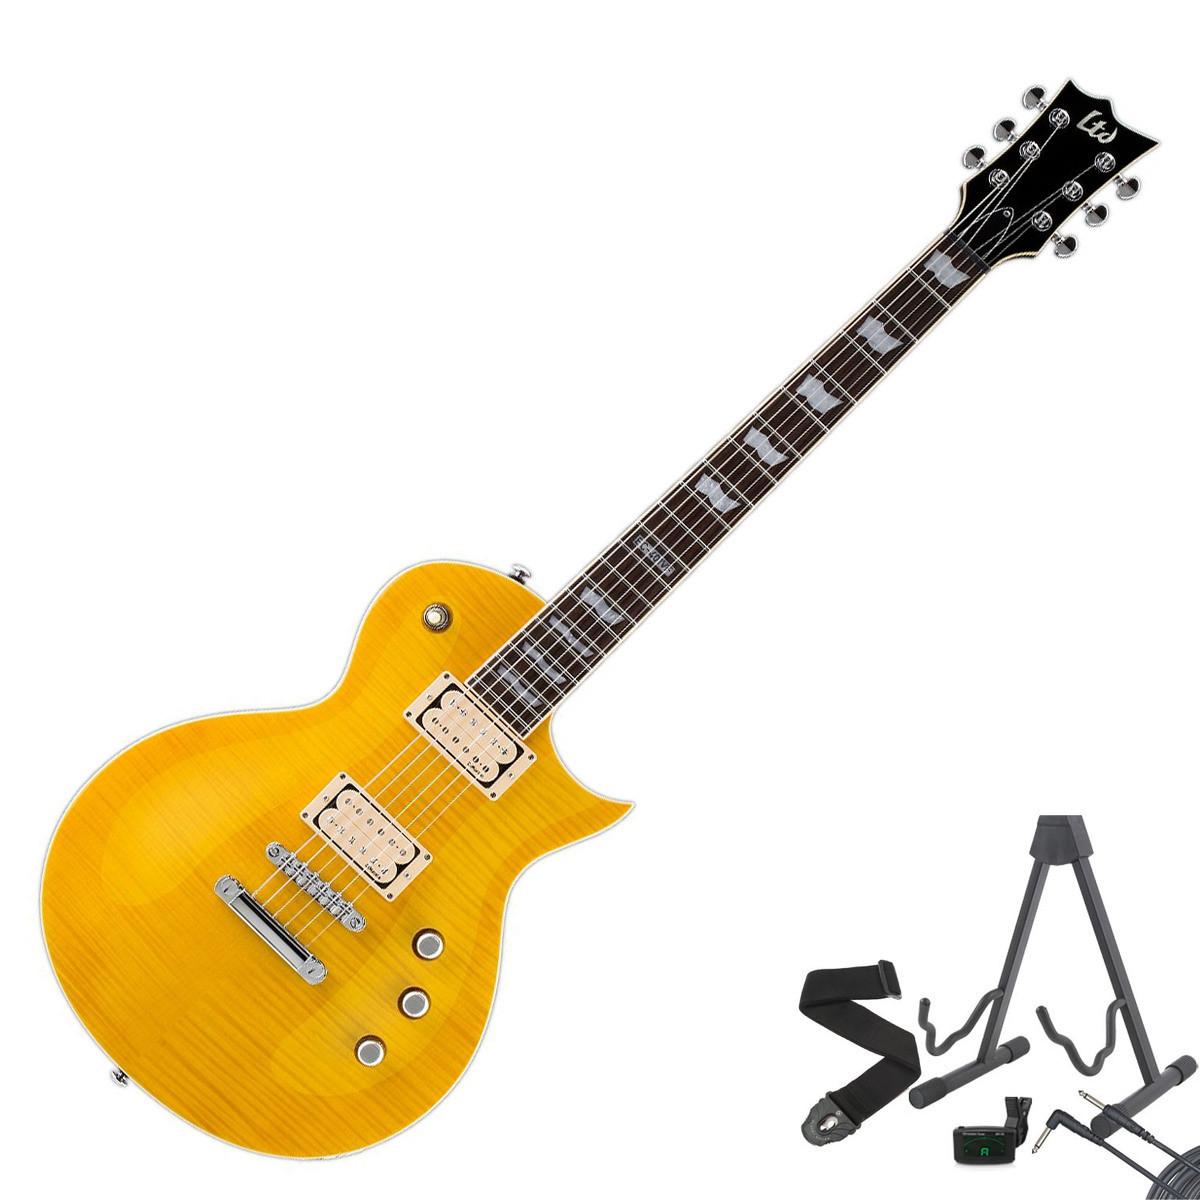 platen esp ltd ec 401vf elektrisk gitar lemon drop gratis gaver hos. Black Bedroom Furniture Sets. Home Design Ideas